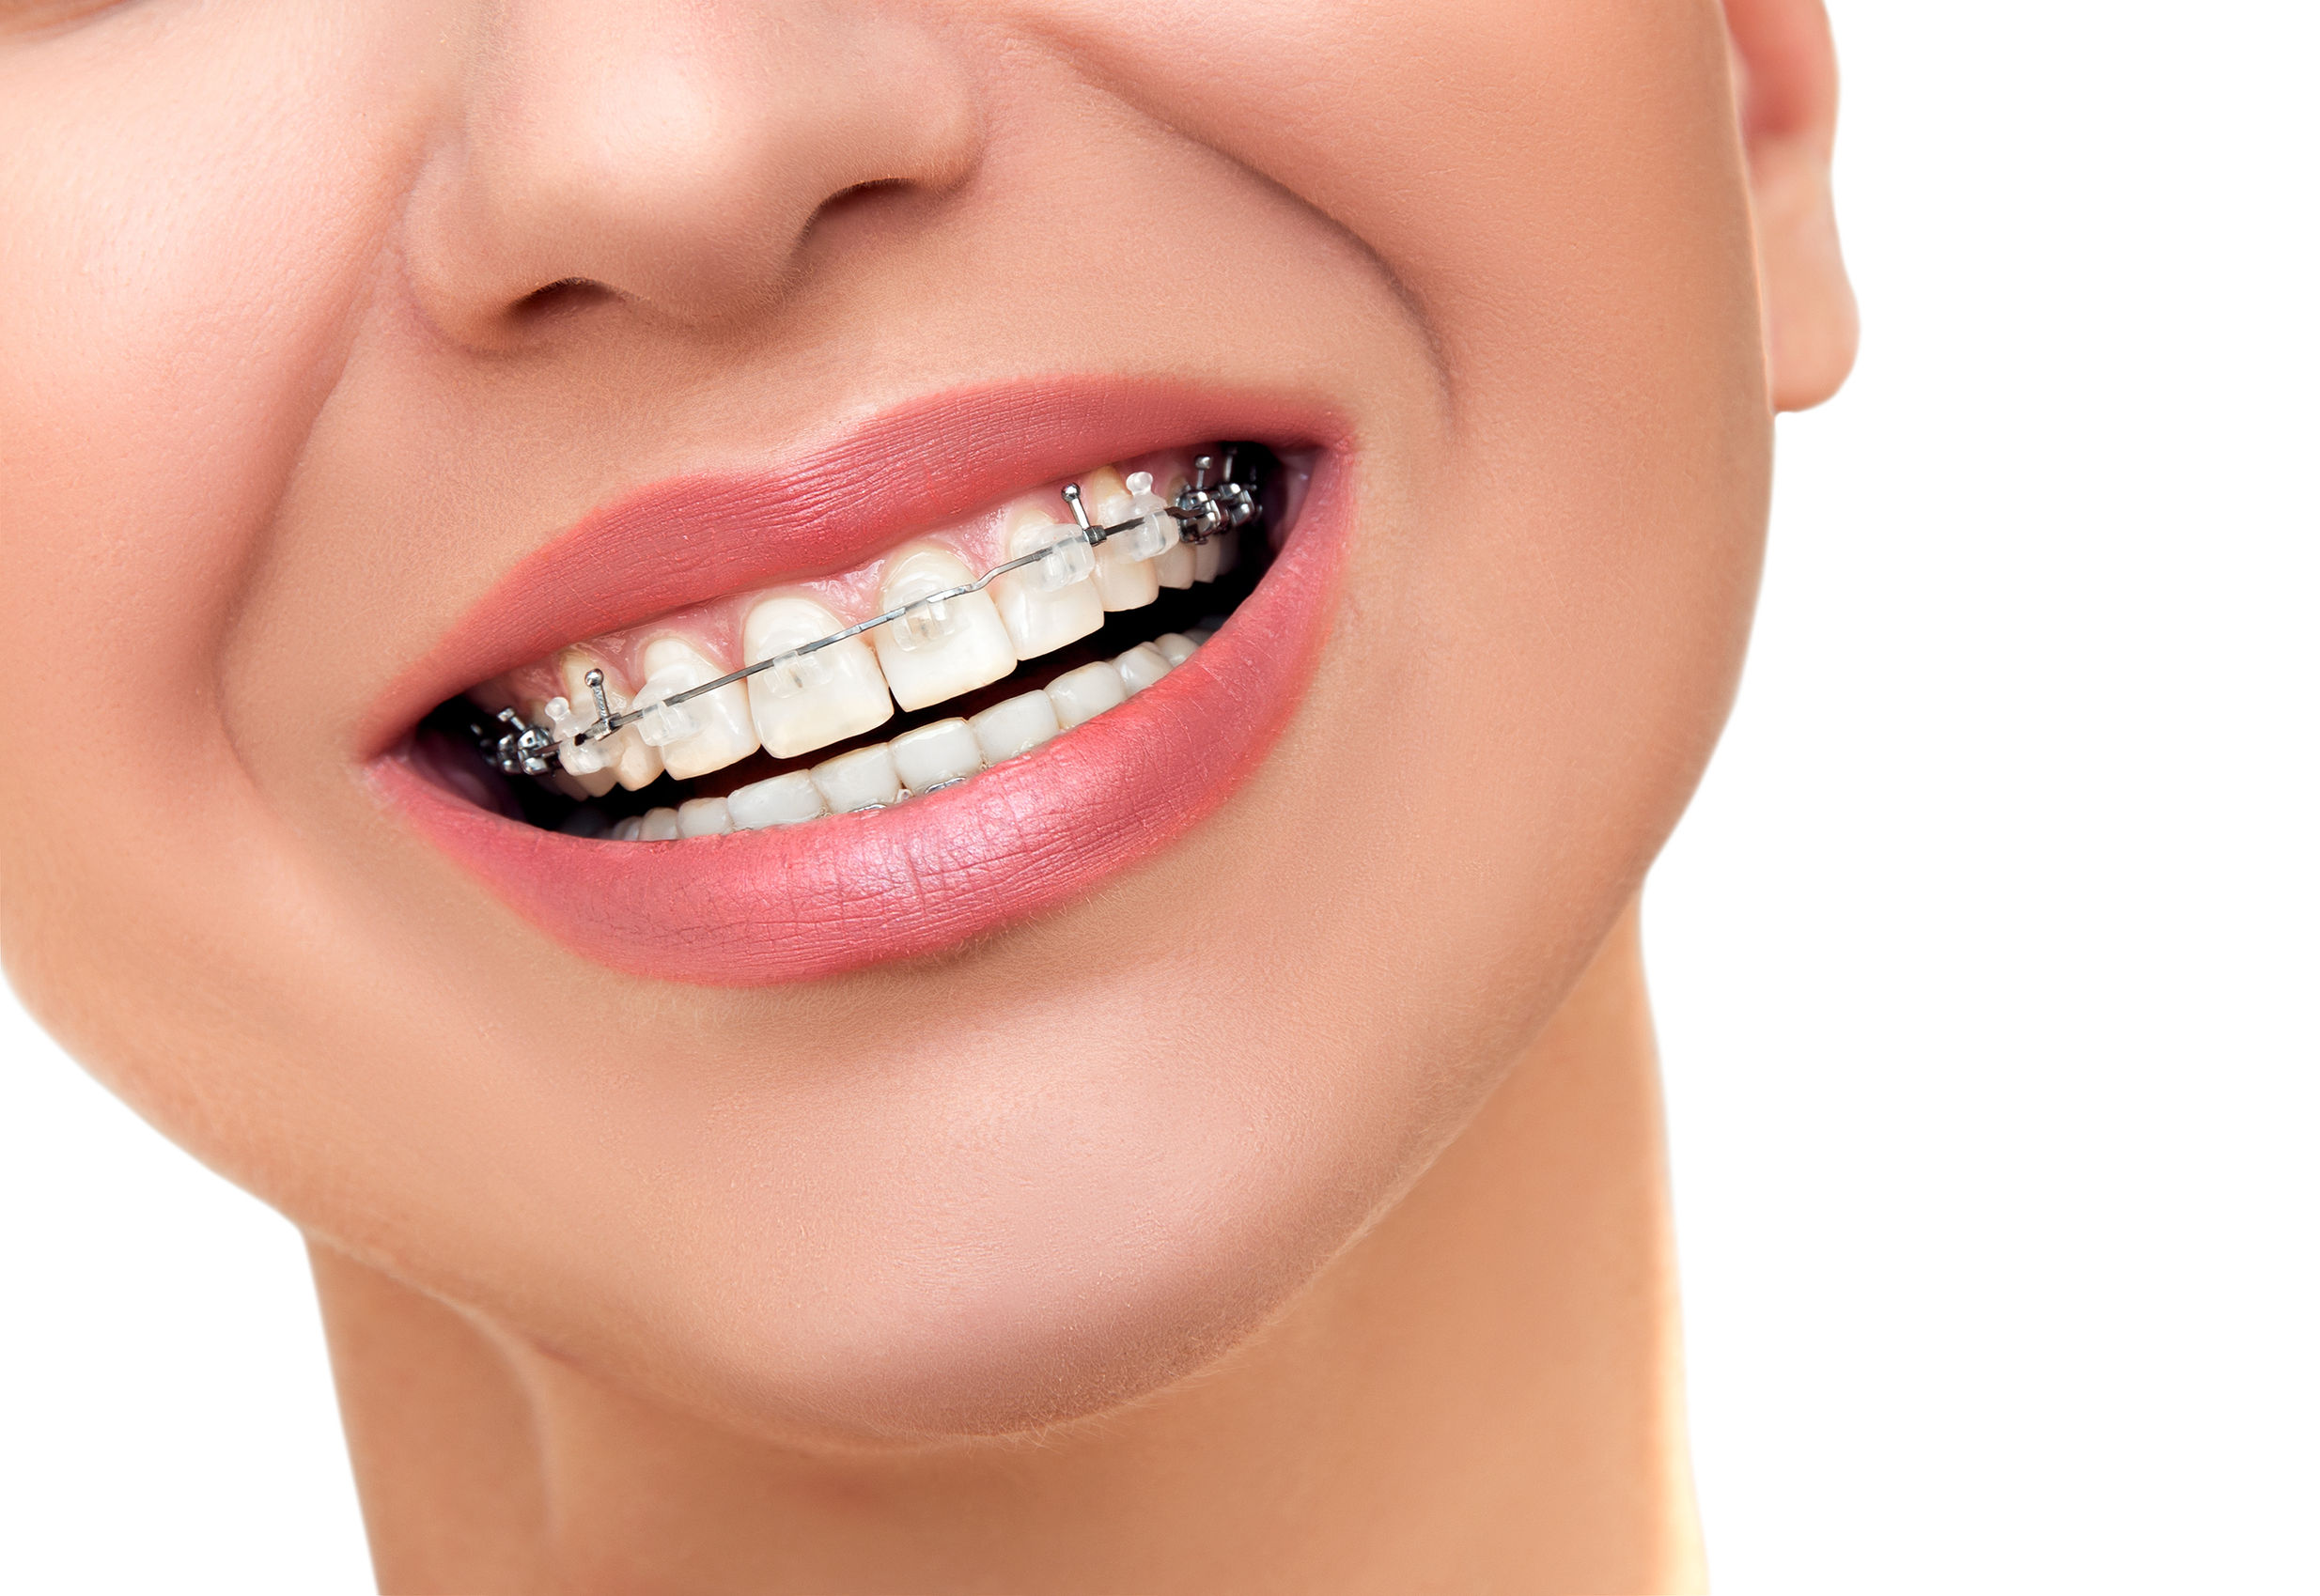 ortodoncia Damon Clear